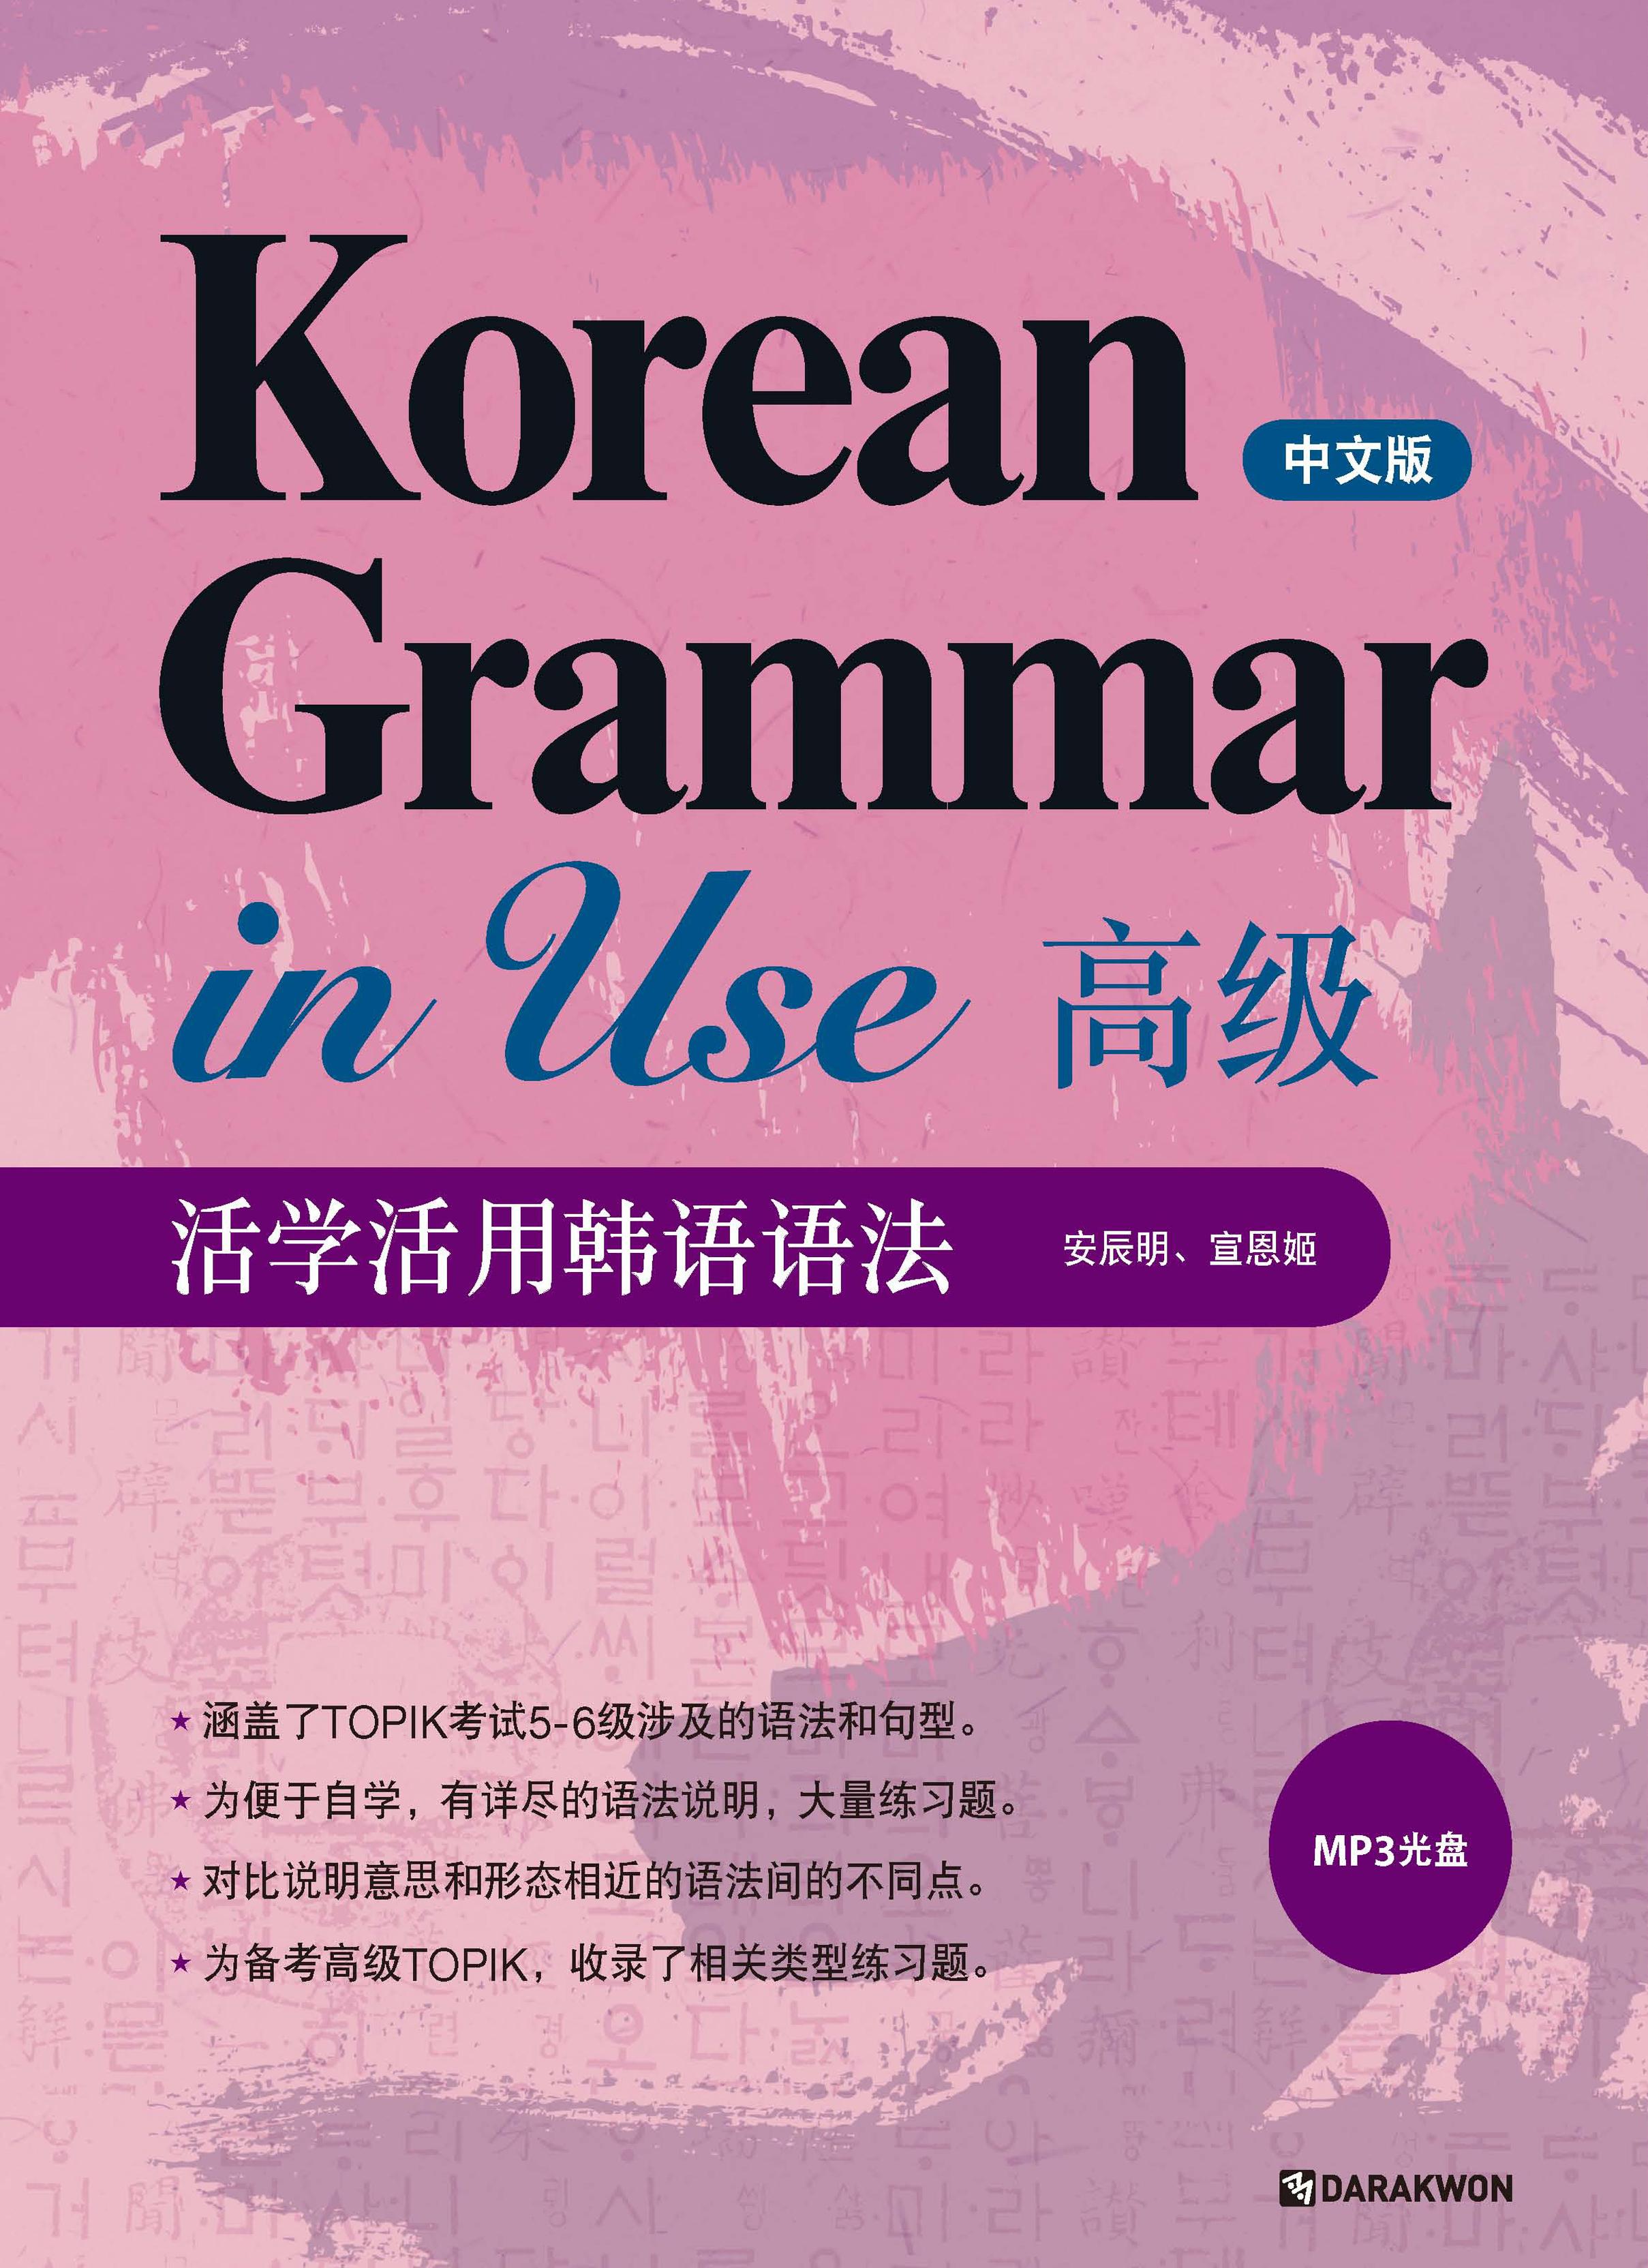 [Korean Grammar in Use] Korean Grammar in Use 고급|活學活用韓語語法 : 中文版